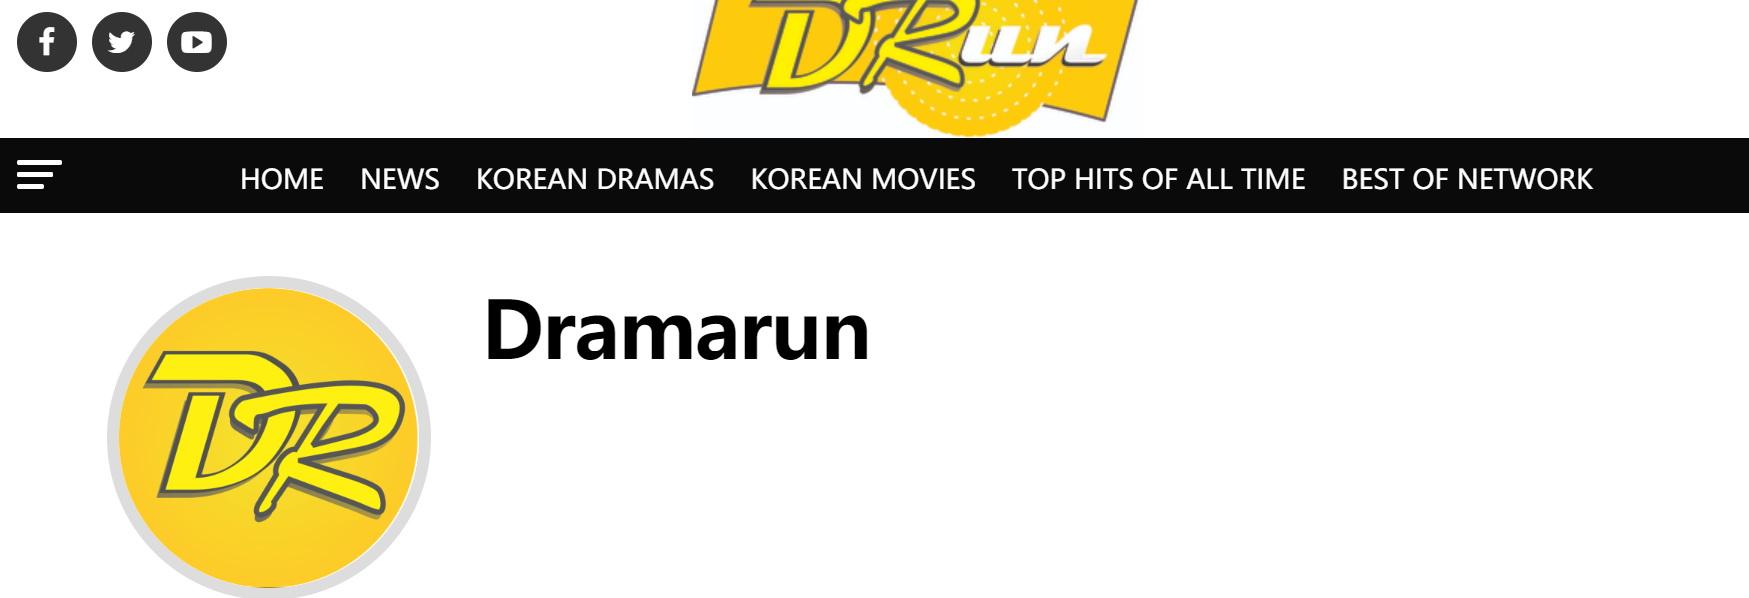 dramarun